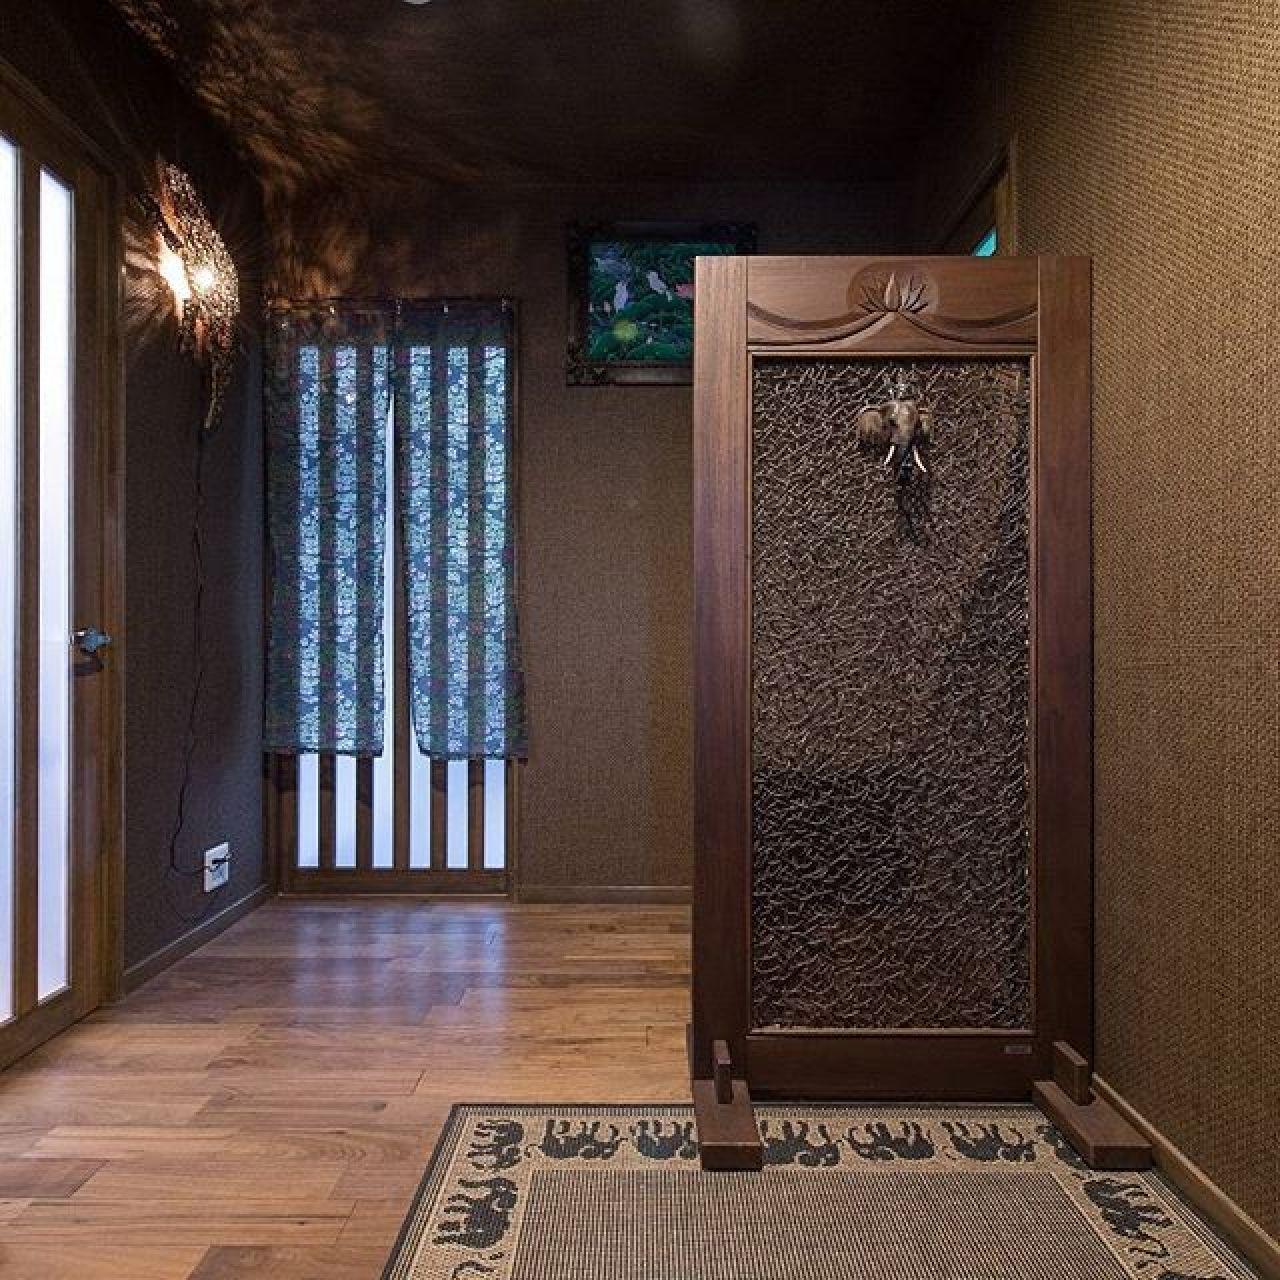 厳かな玄関ホール。#玄関 #玄関インテリア #自然素材#注文住宅